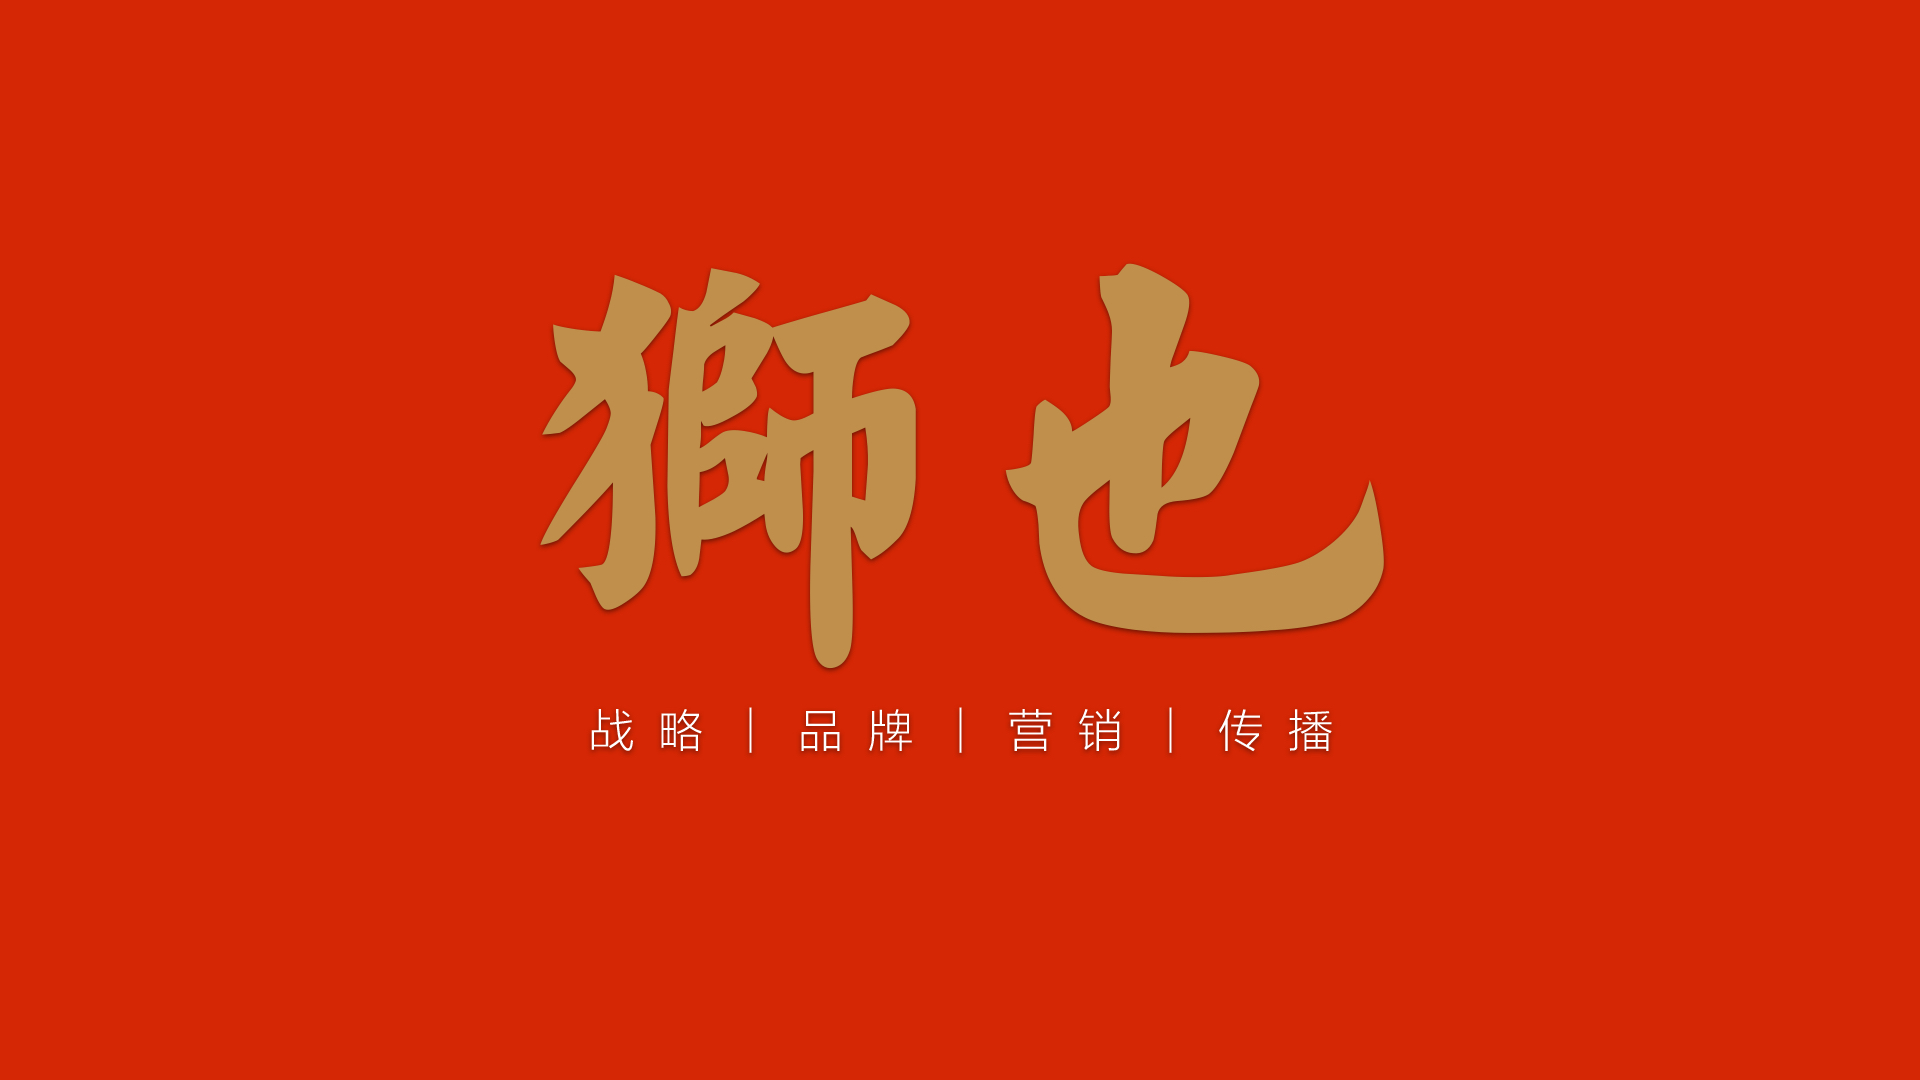 长城高级润滑油公司的竞争策略—山东济南狮也战略品牌营销策划咨询顾问公司